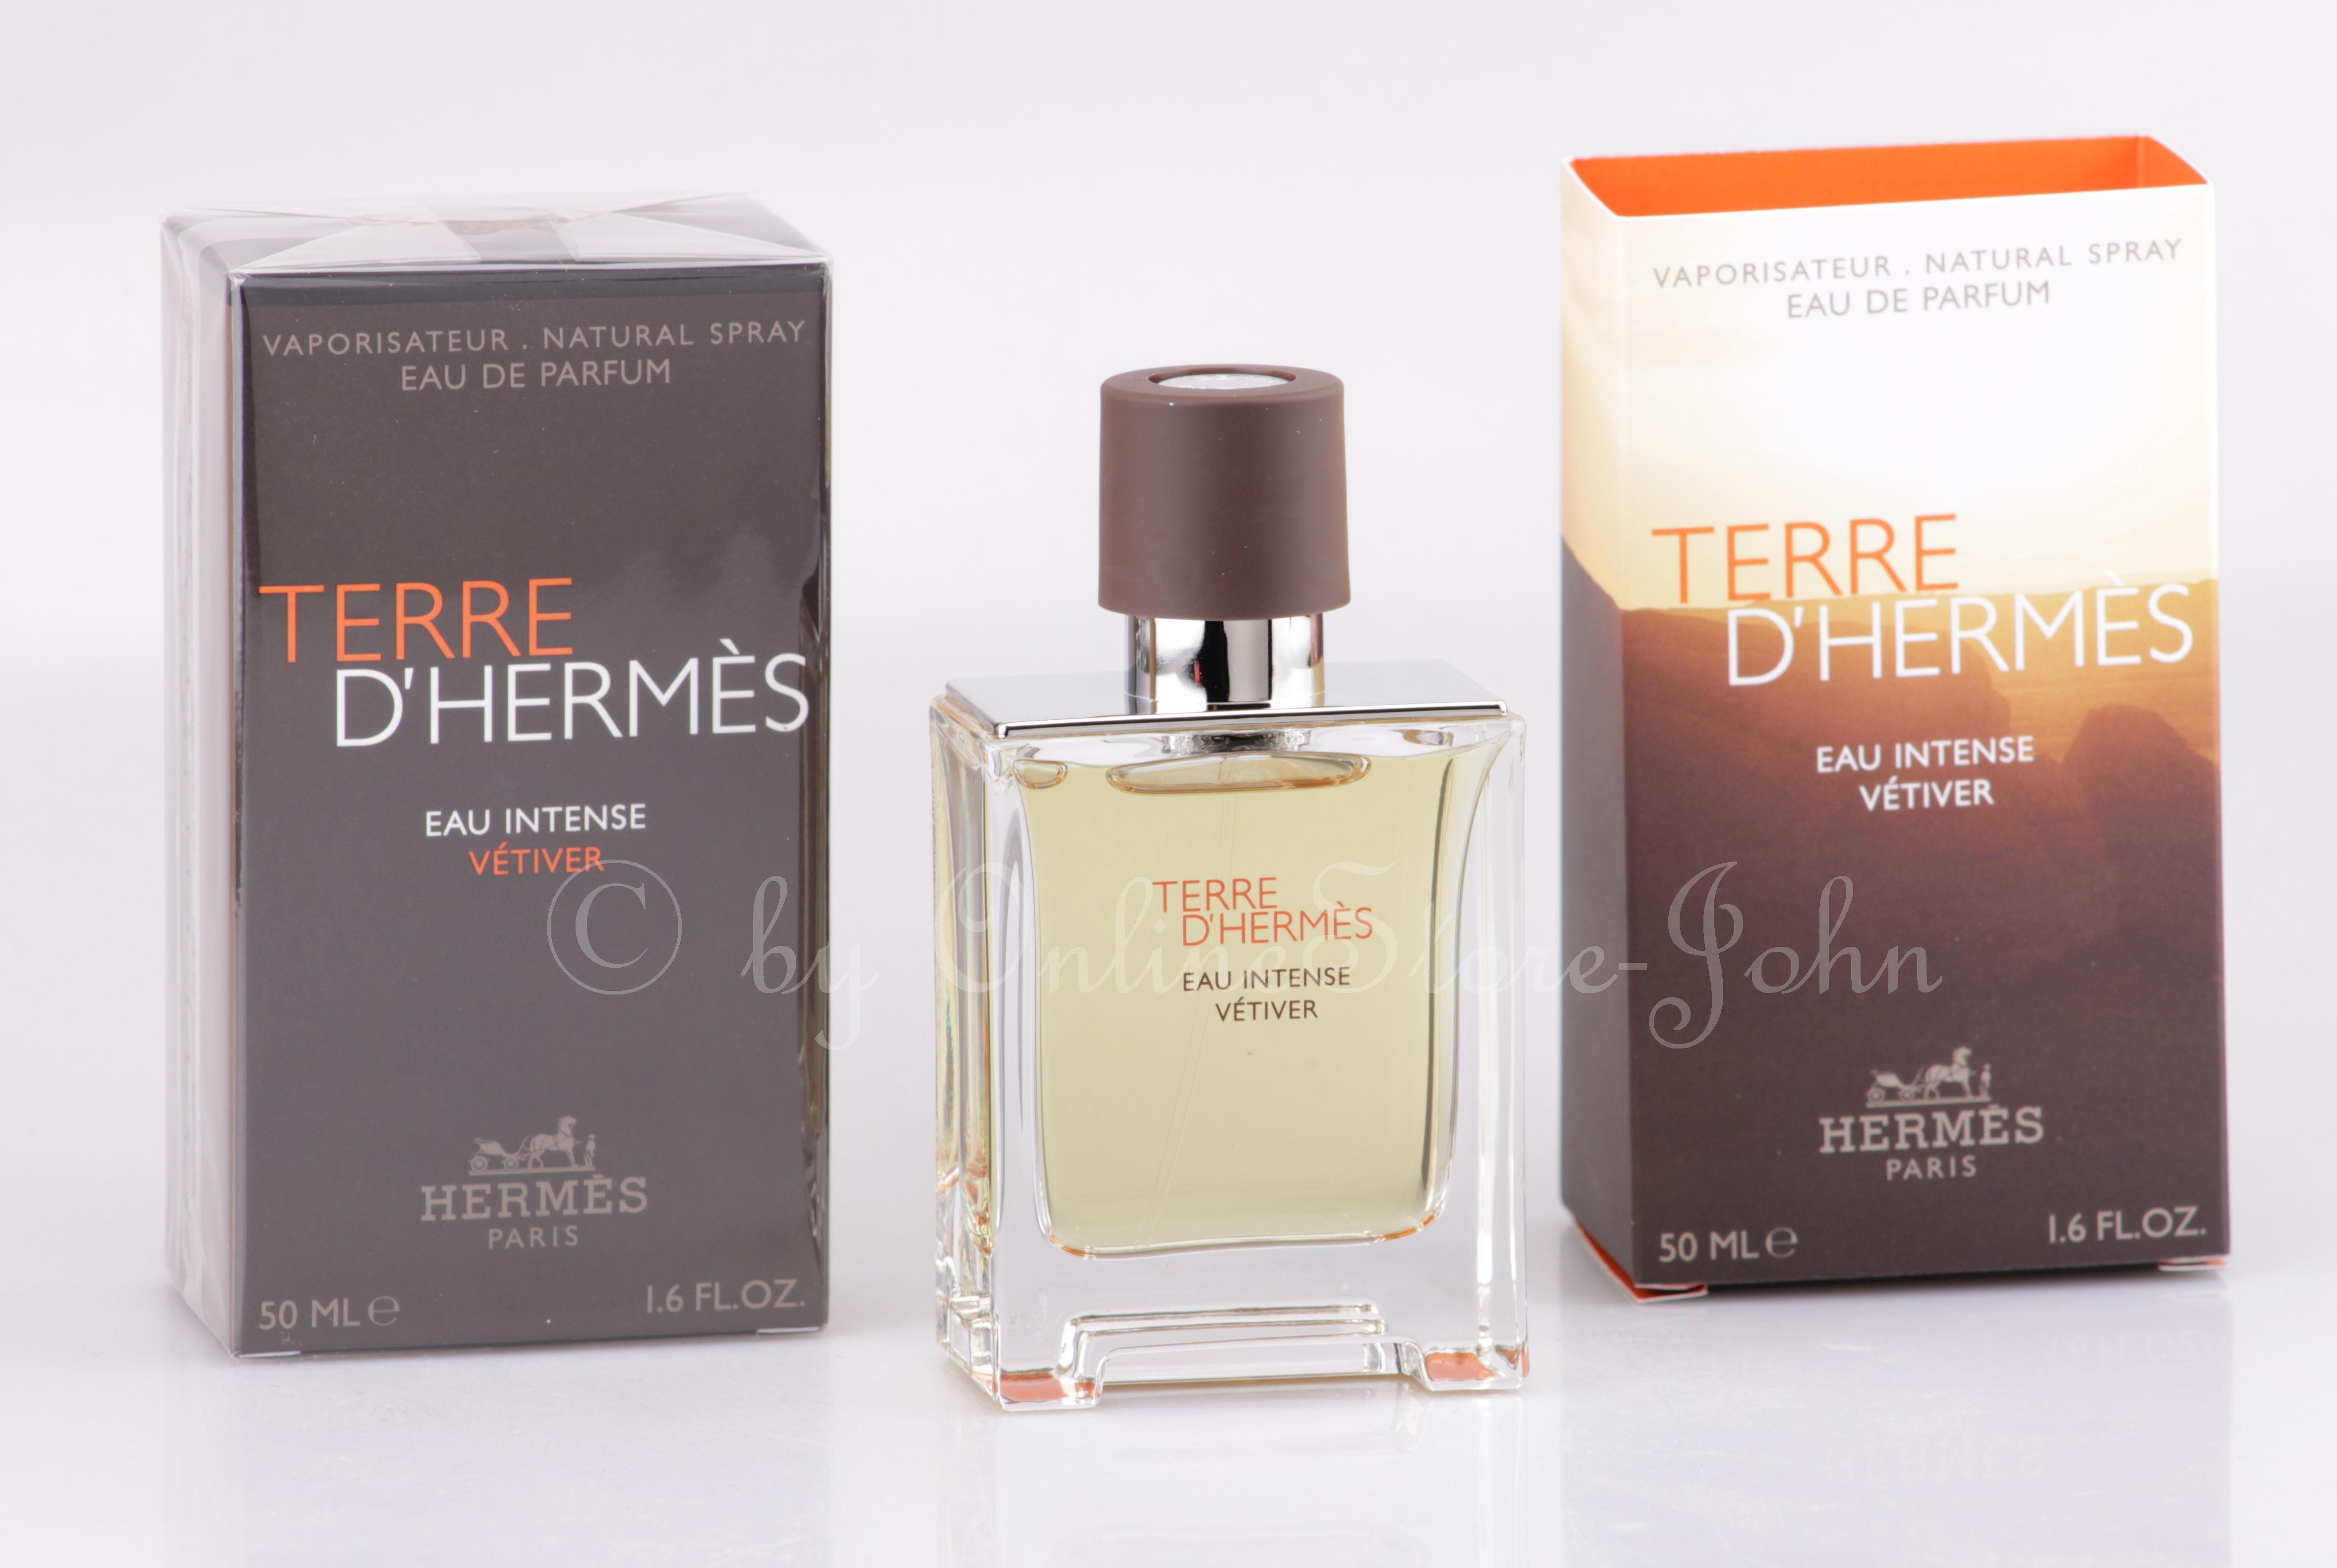 Details zu Hermes TERRE d'Hermes Eau Intense Vetiver 50ml EDP Eau de Parfum